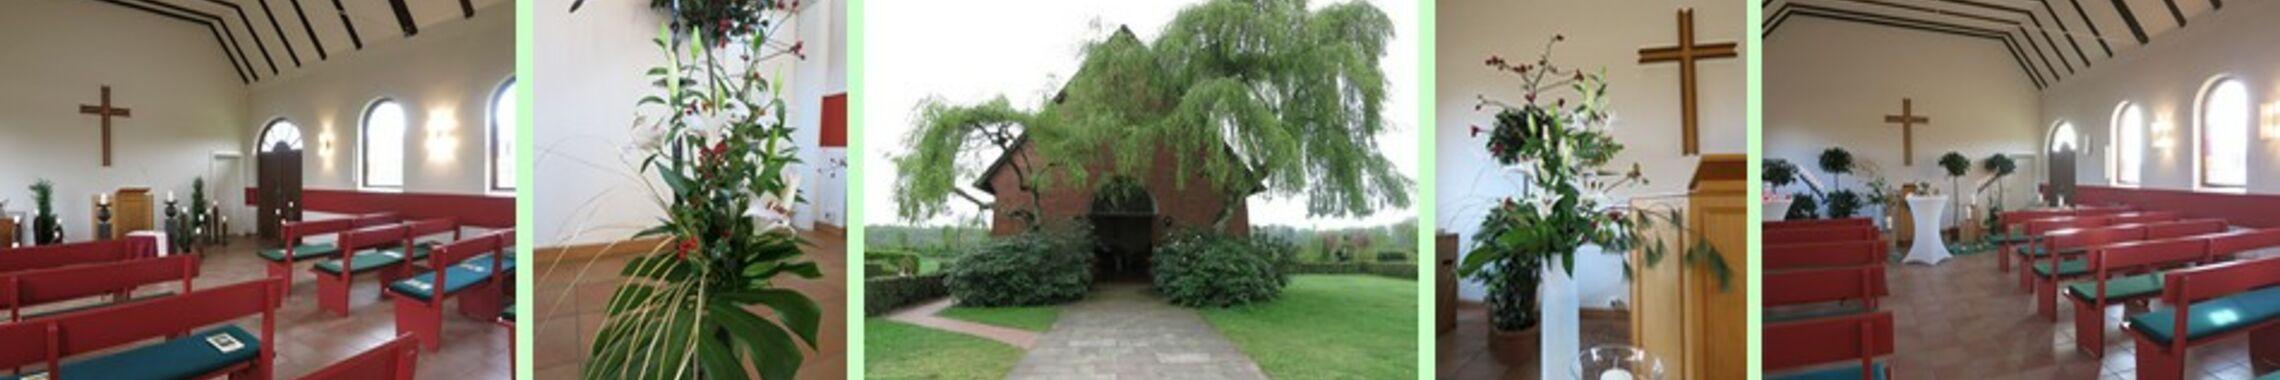 Friedhofskapelle Meinerdingen